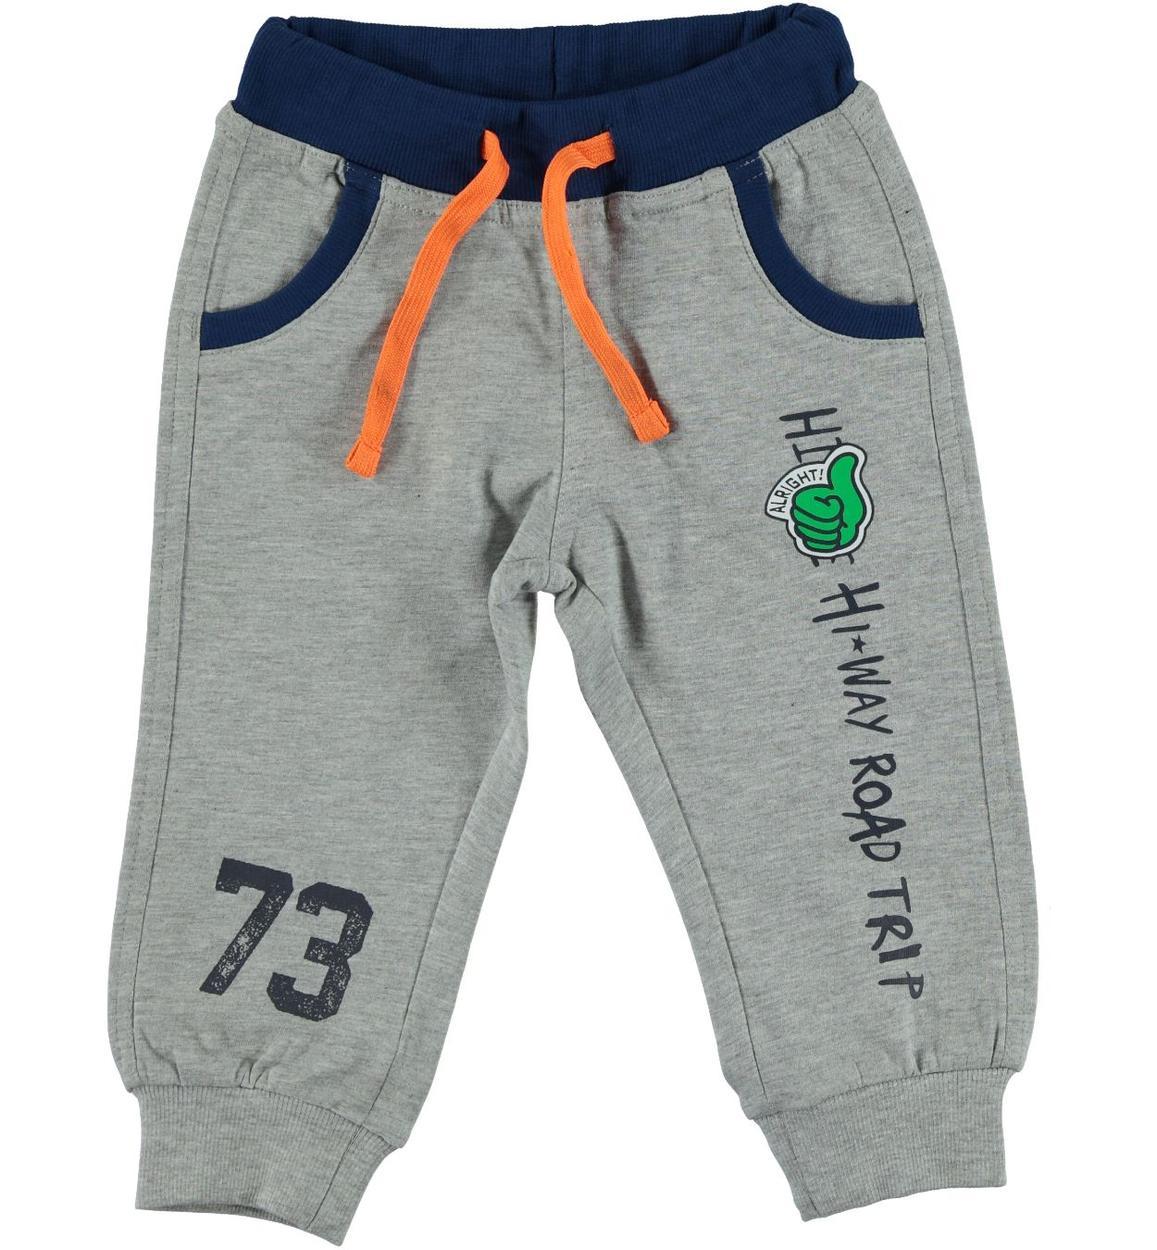 1c1b90f9020e Pantalone sportivo in felpa leggera di cotone per bambino da 6 a 36 mesi iDO